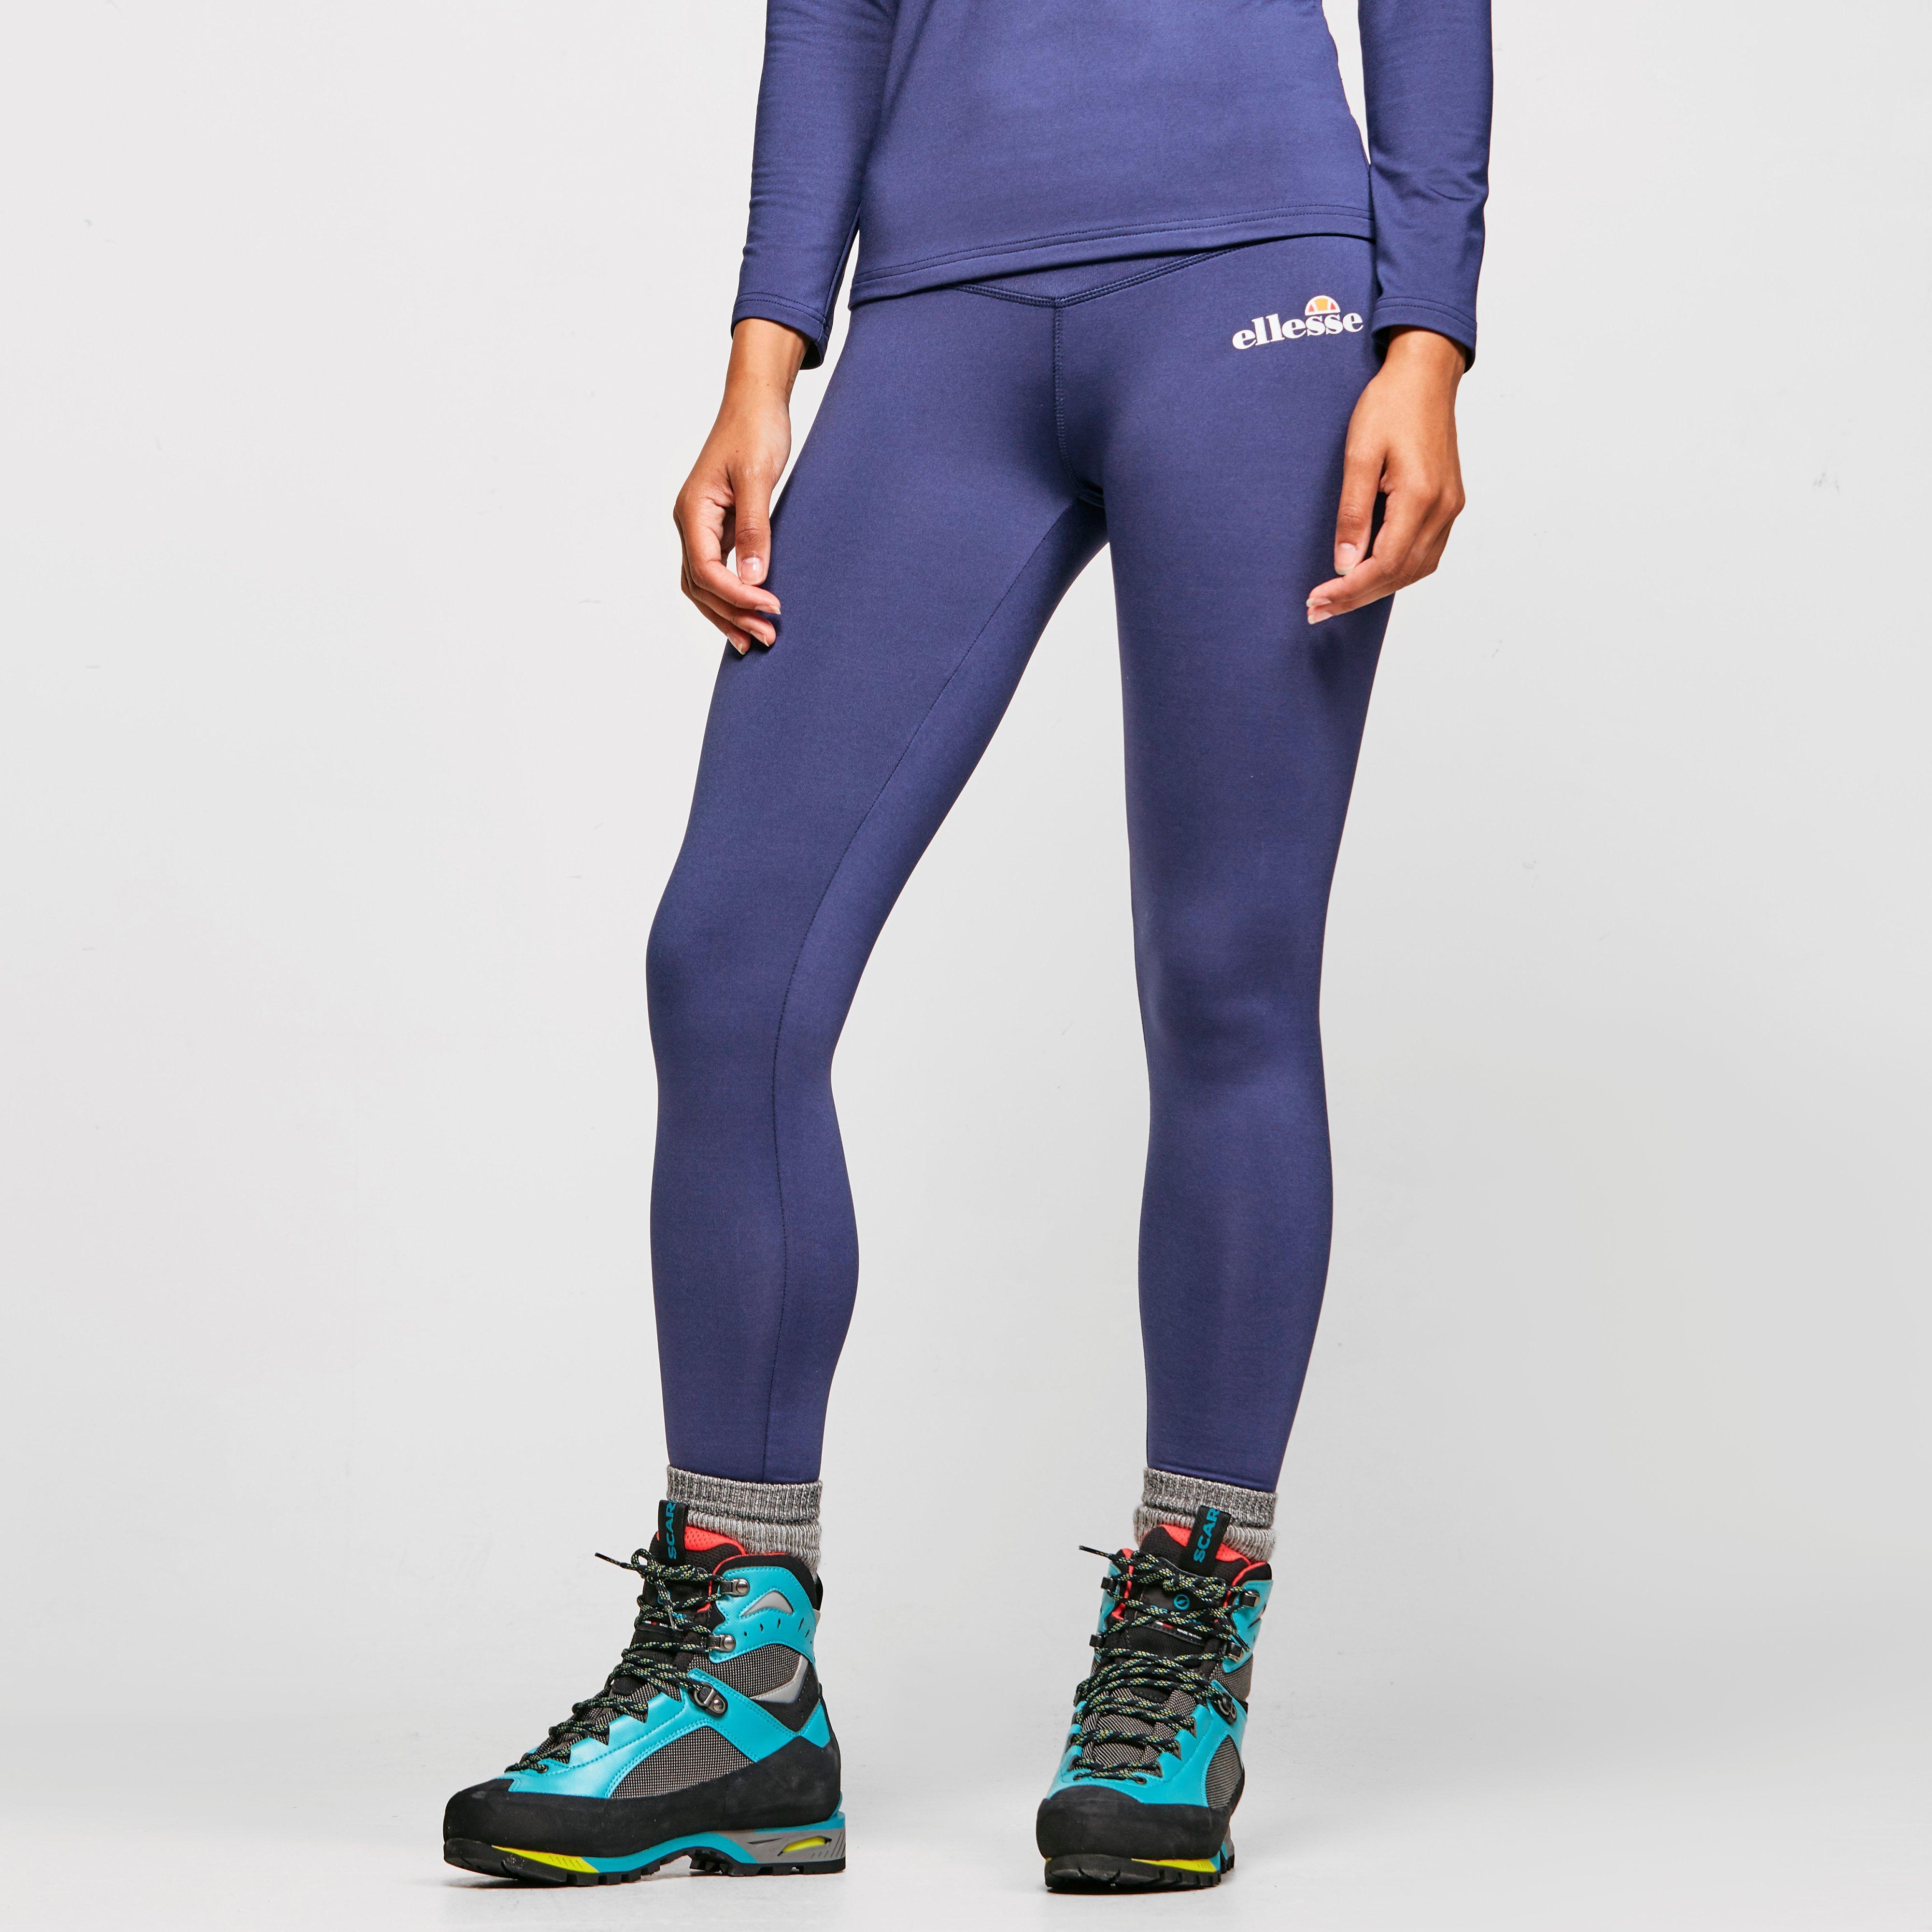 Ellesse Women's Coomber Leggings, Dark Blue/Dark Blue